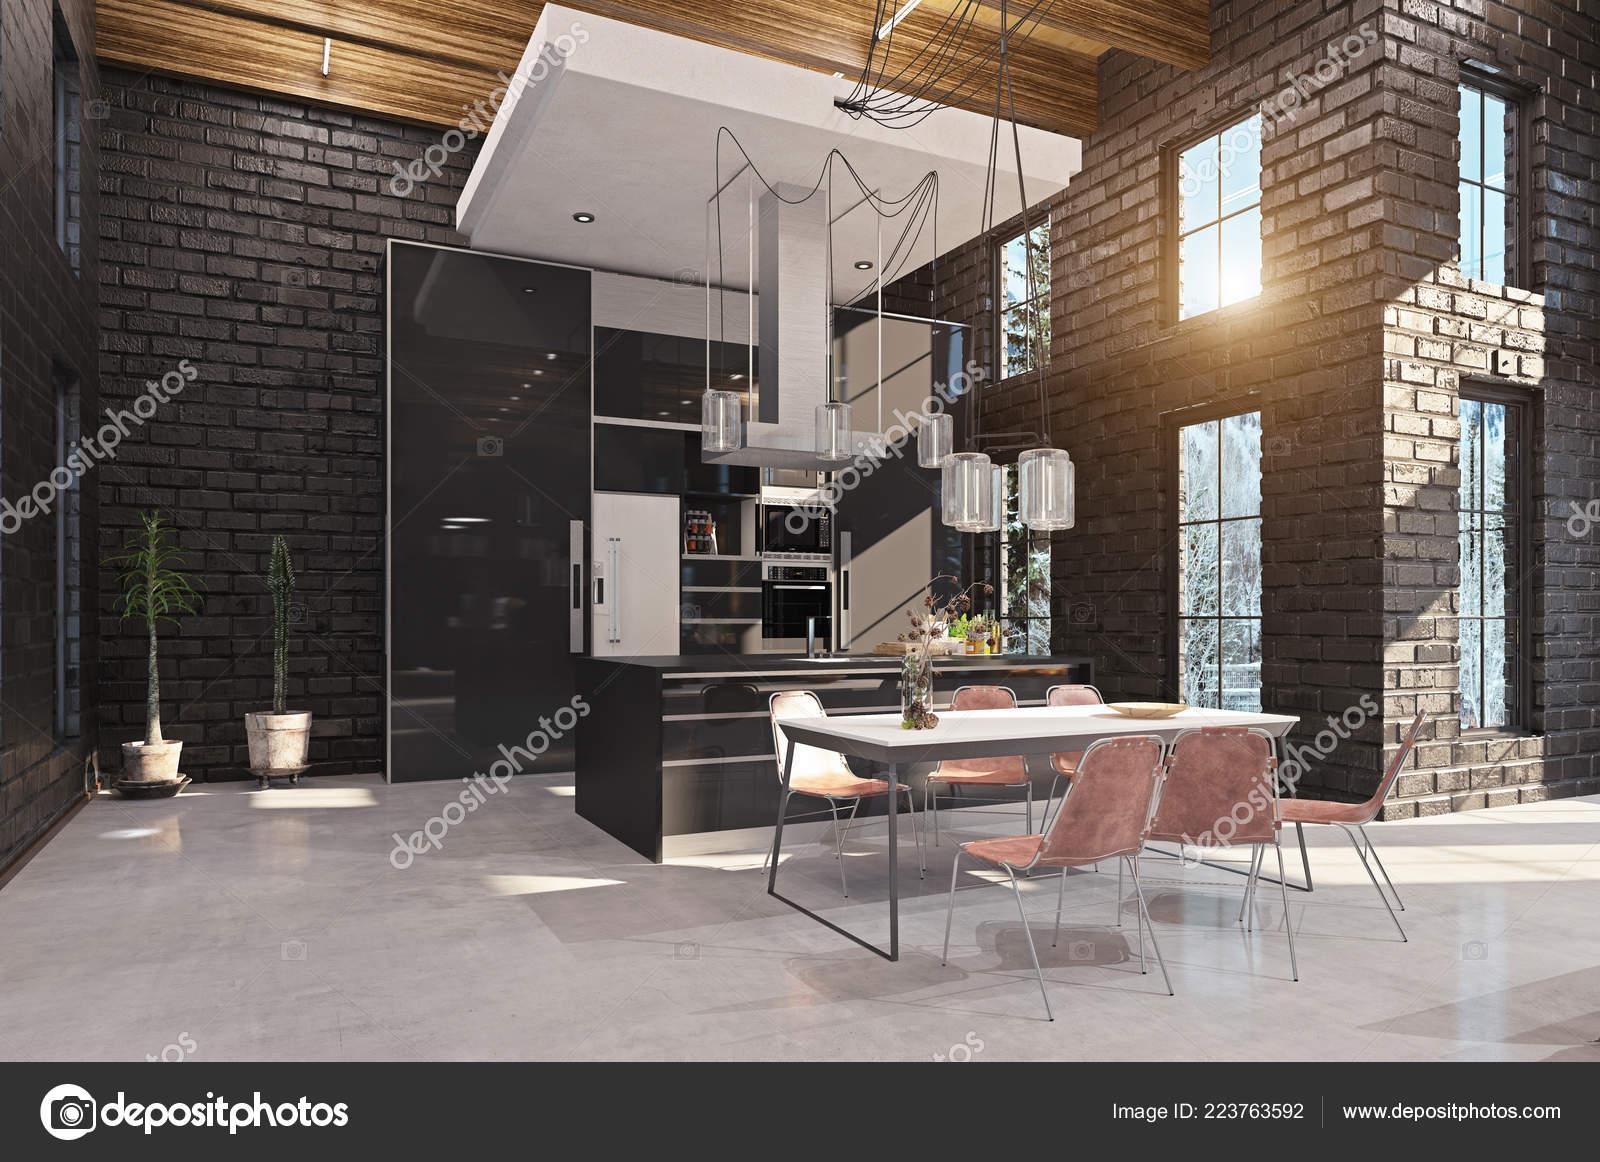 Luxe Interieur Ontwerp : Moderne luxe keuken interieur ontwerp concept rendering